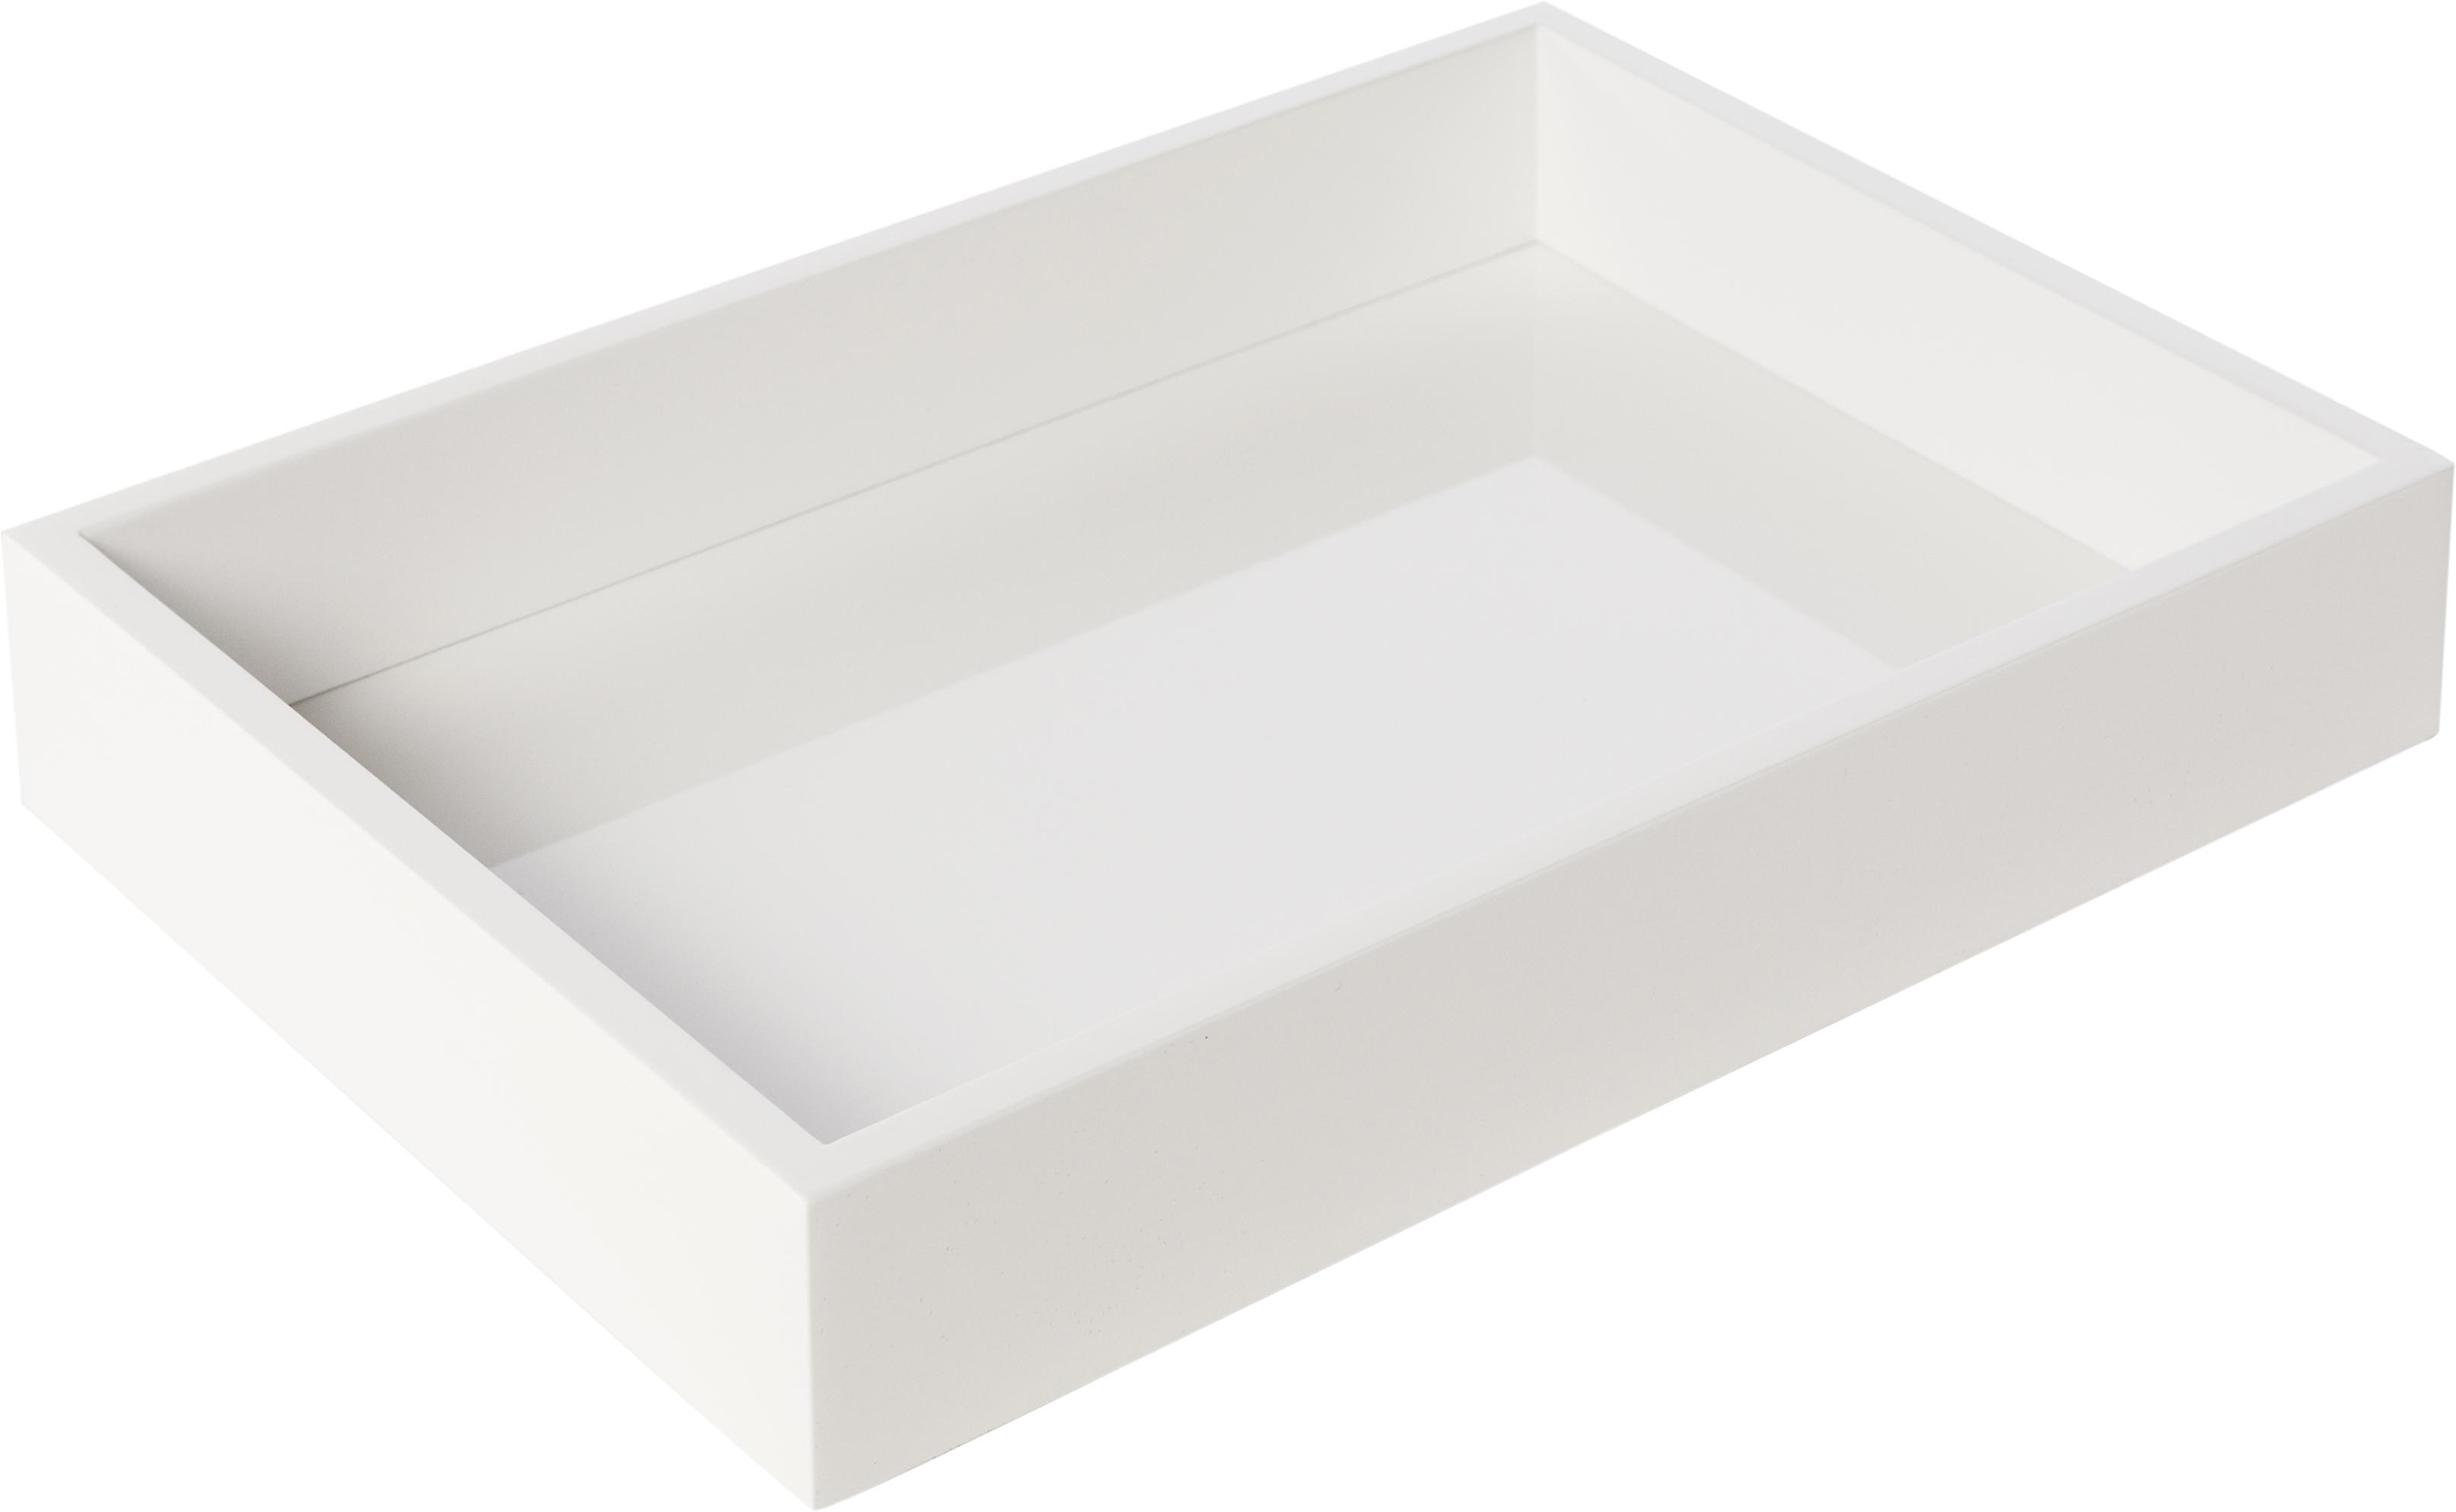 Vassoio bianco effetto lucido Tracy, Vassoio: pannello di fibra a media, Bianco, Larg. 33 x Prof. 24 cm